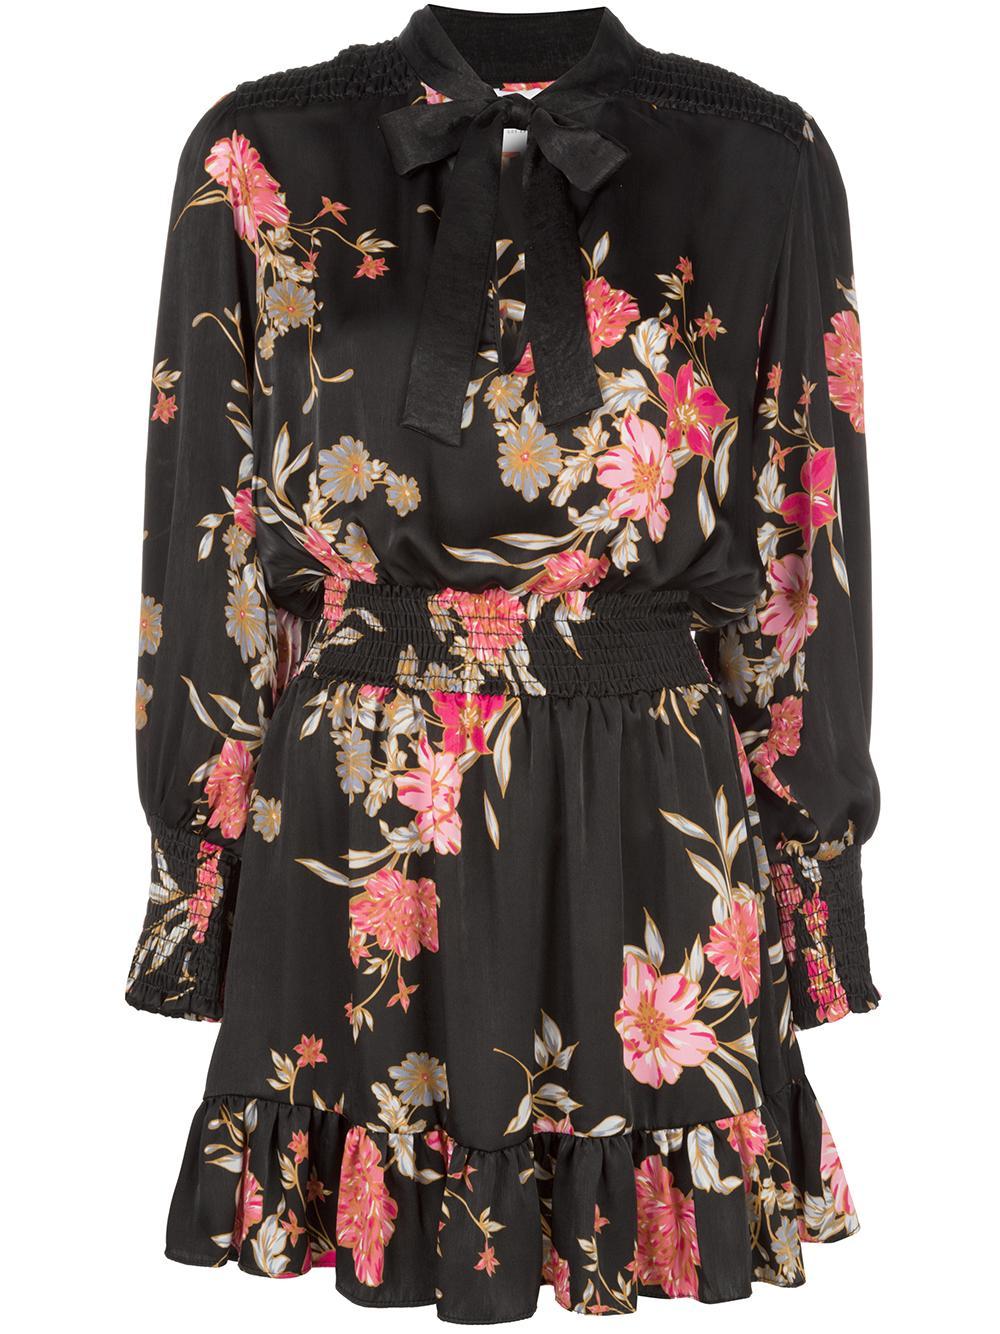 Iyana Silk Large Flower Button-Up Dress